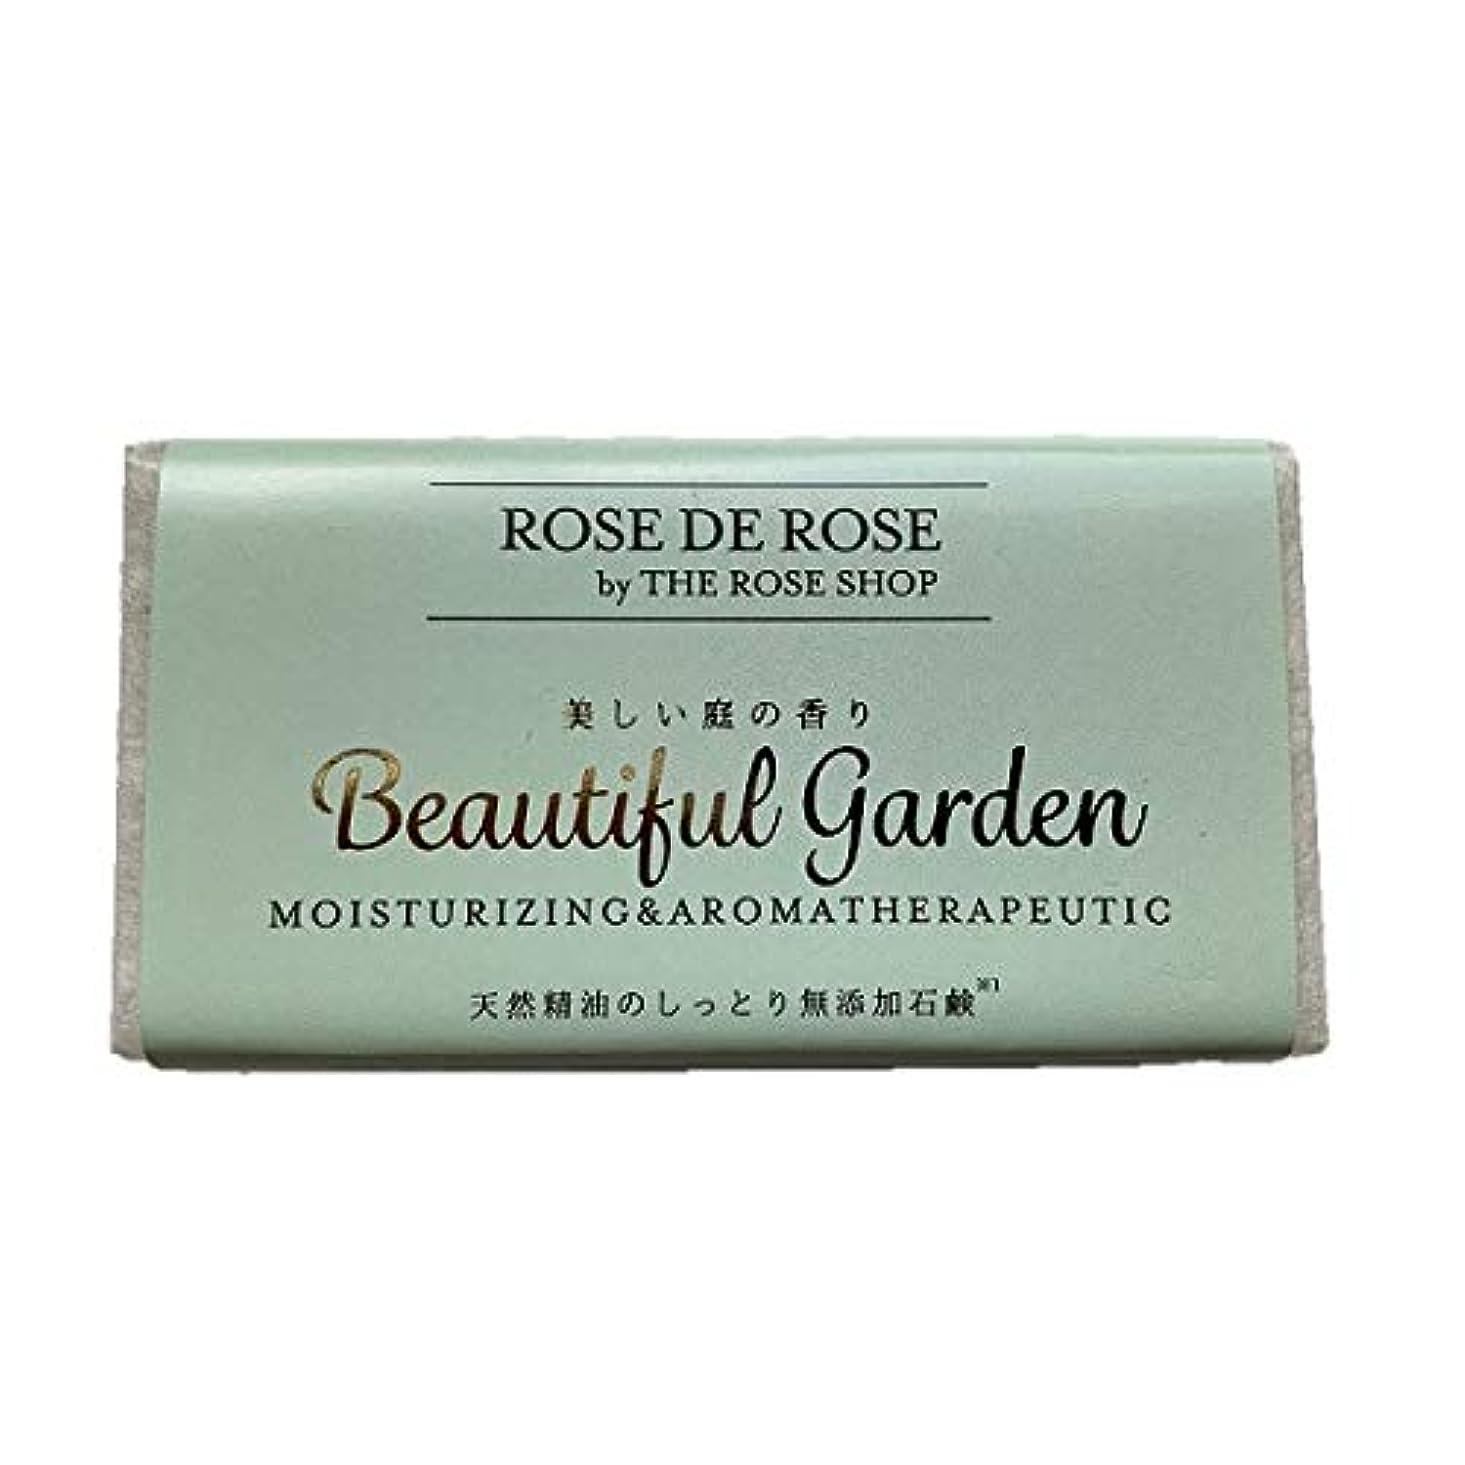 紳士気取りの、きざなスマート運河天然精油の無添加石鹸 「美しい庭の香り ビューティフルガーデン」3個セット